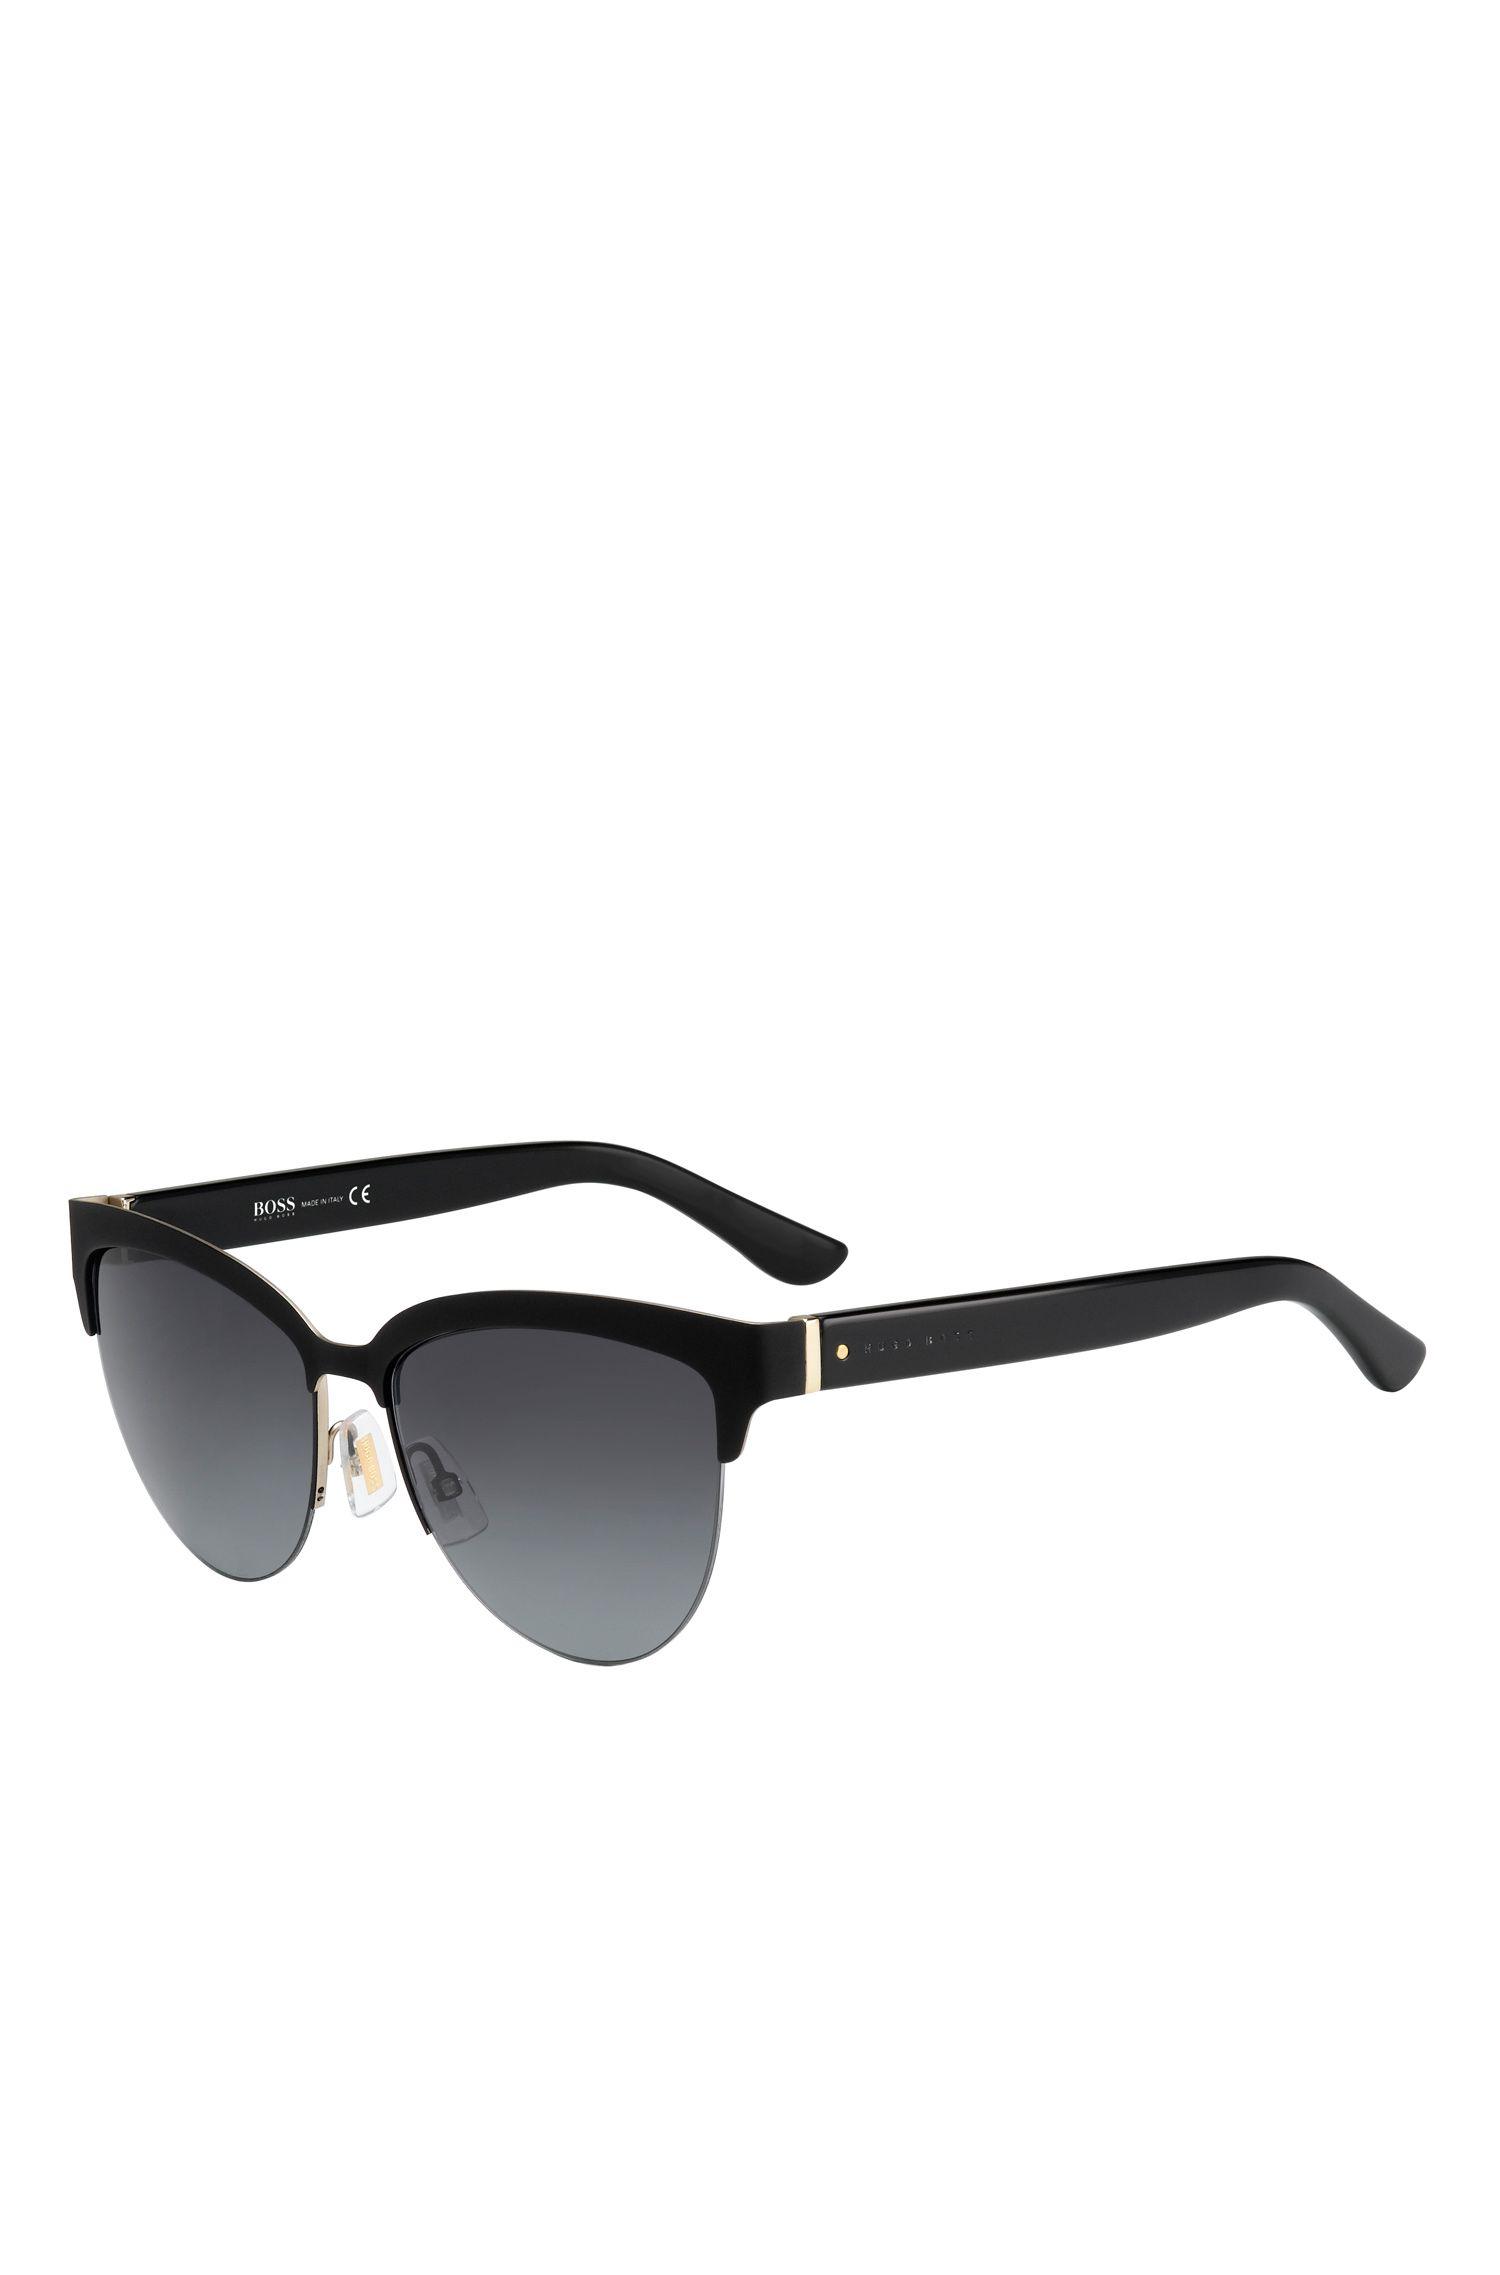 'BOSS 678S'   Black Lenses Half-Frame Cateye Sunglasses